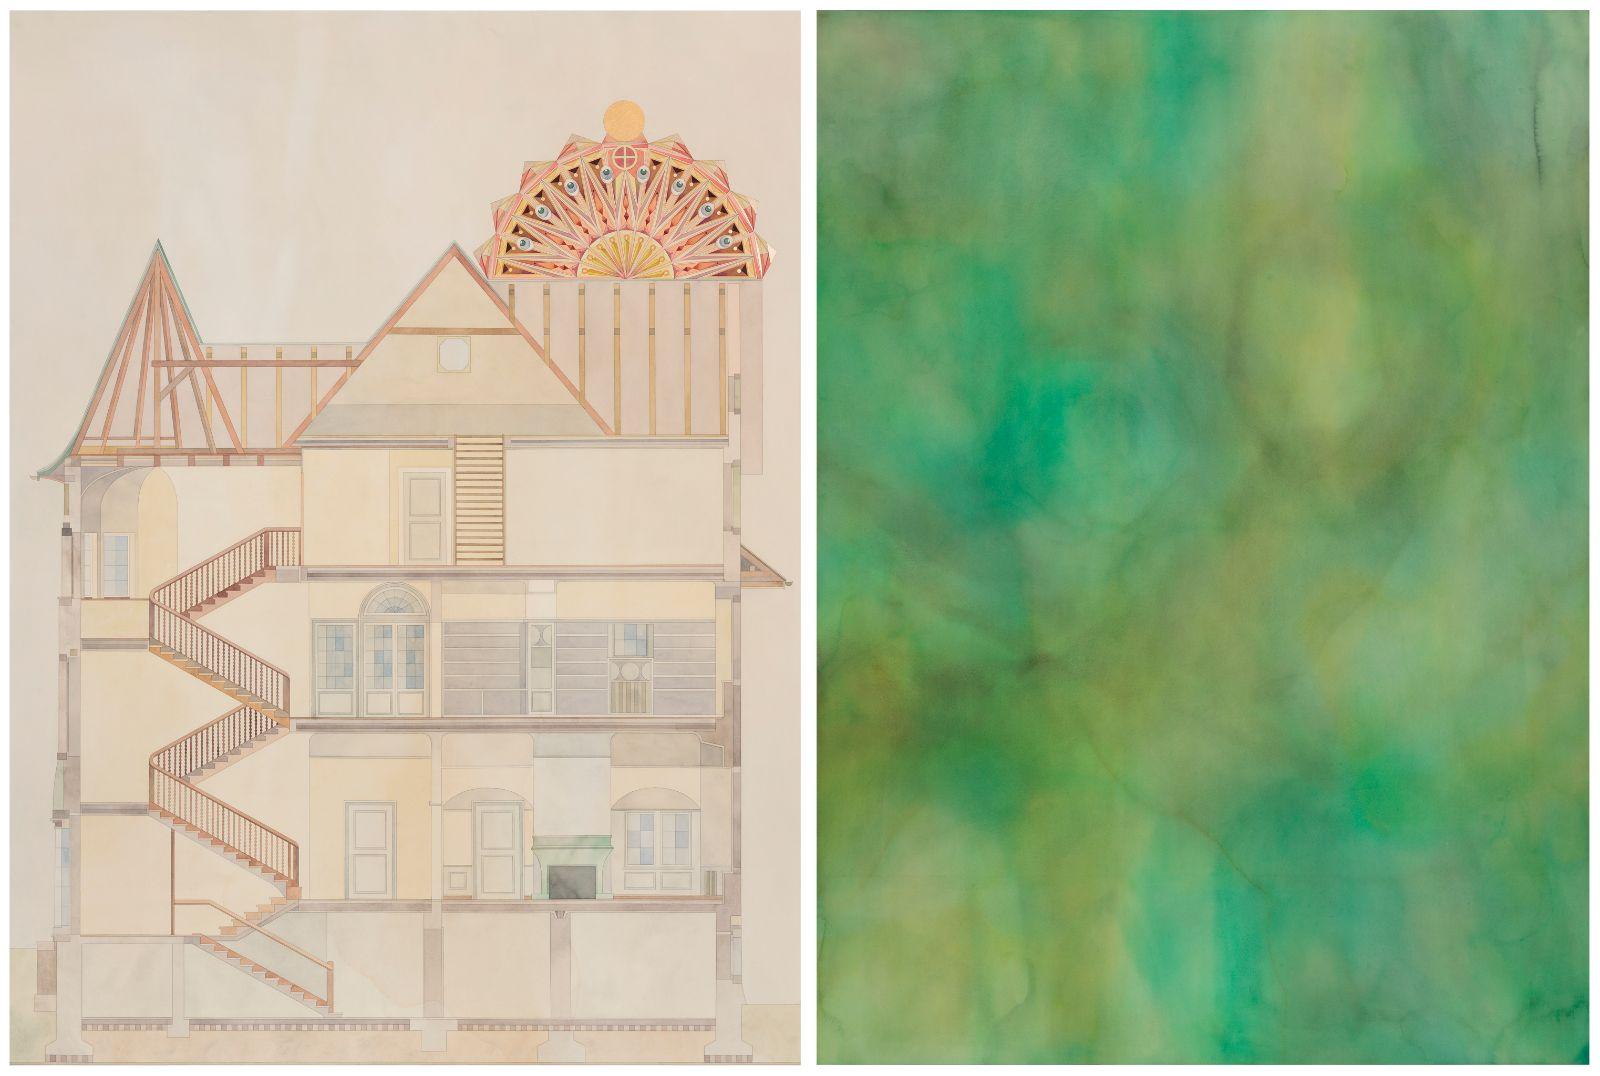 Das Haus des C.G Jungs mit Geist / Der Traum V, 2013, watercolour and gold-leaf on paper, 196 x 144 / 196 x 144 cm